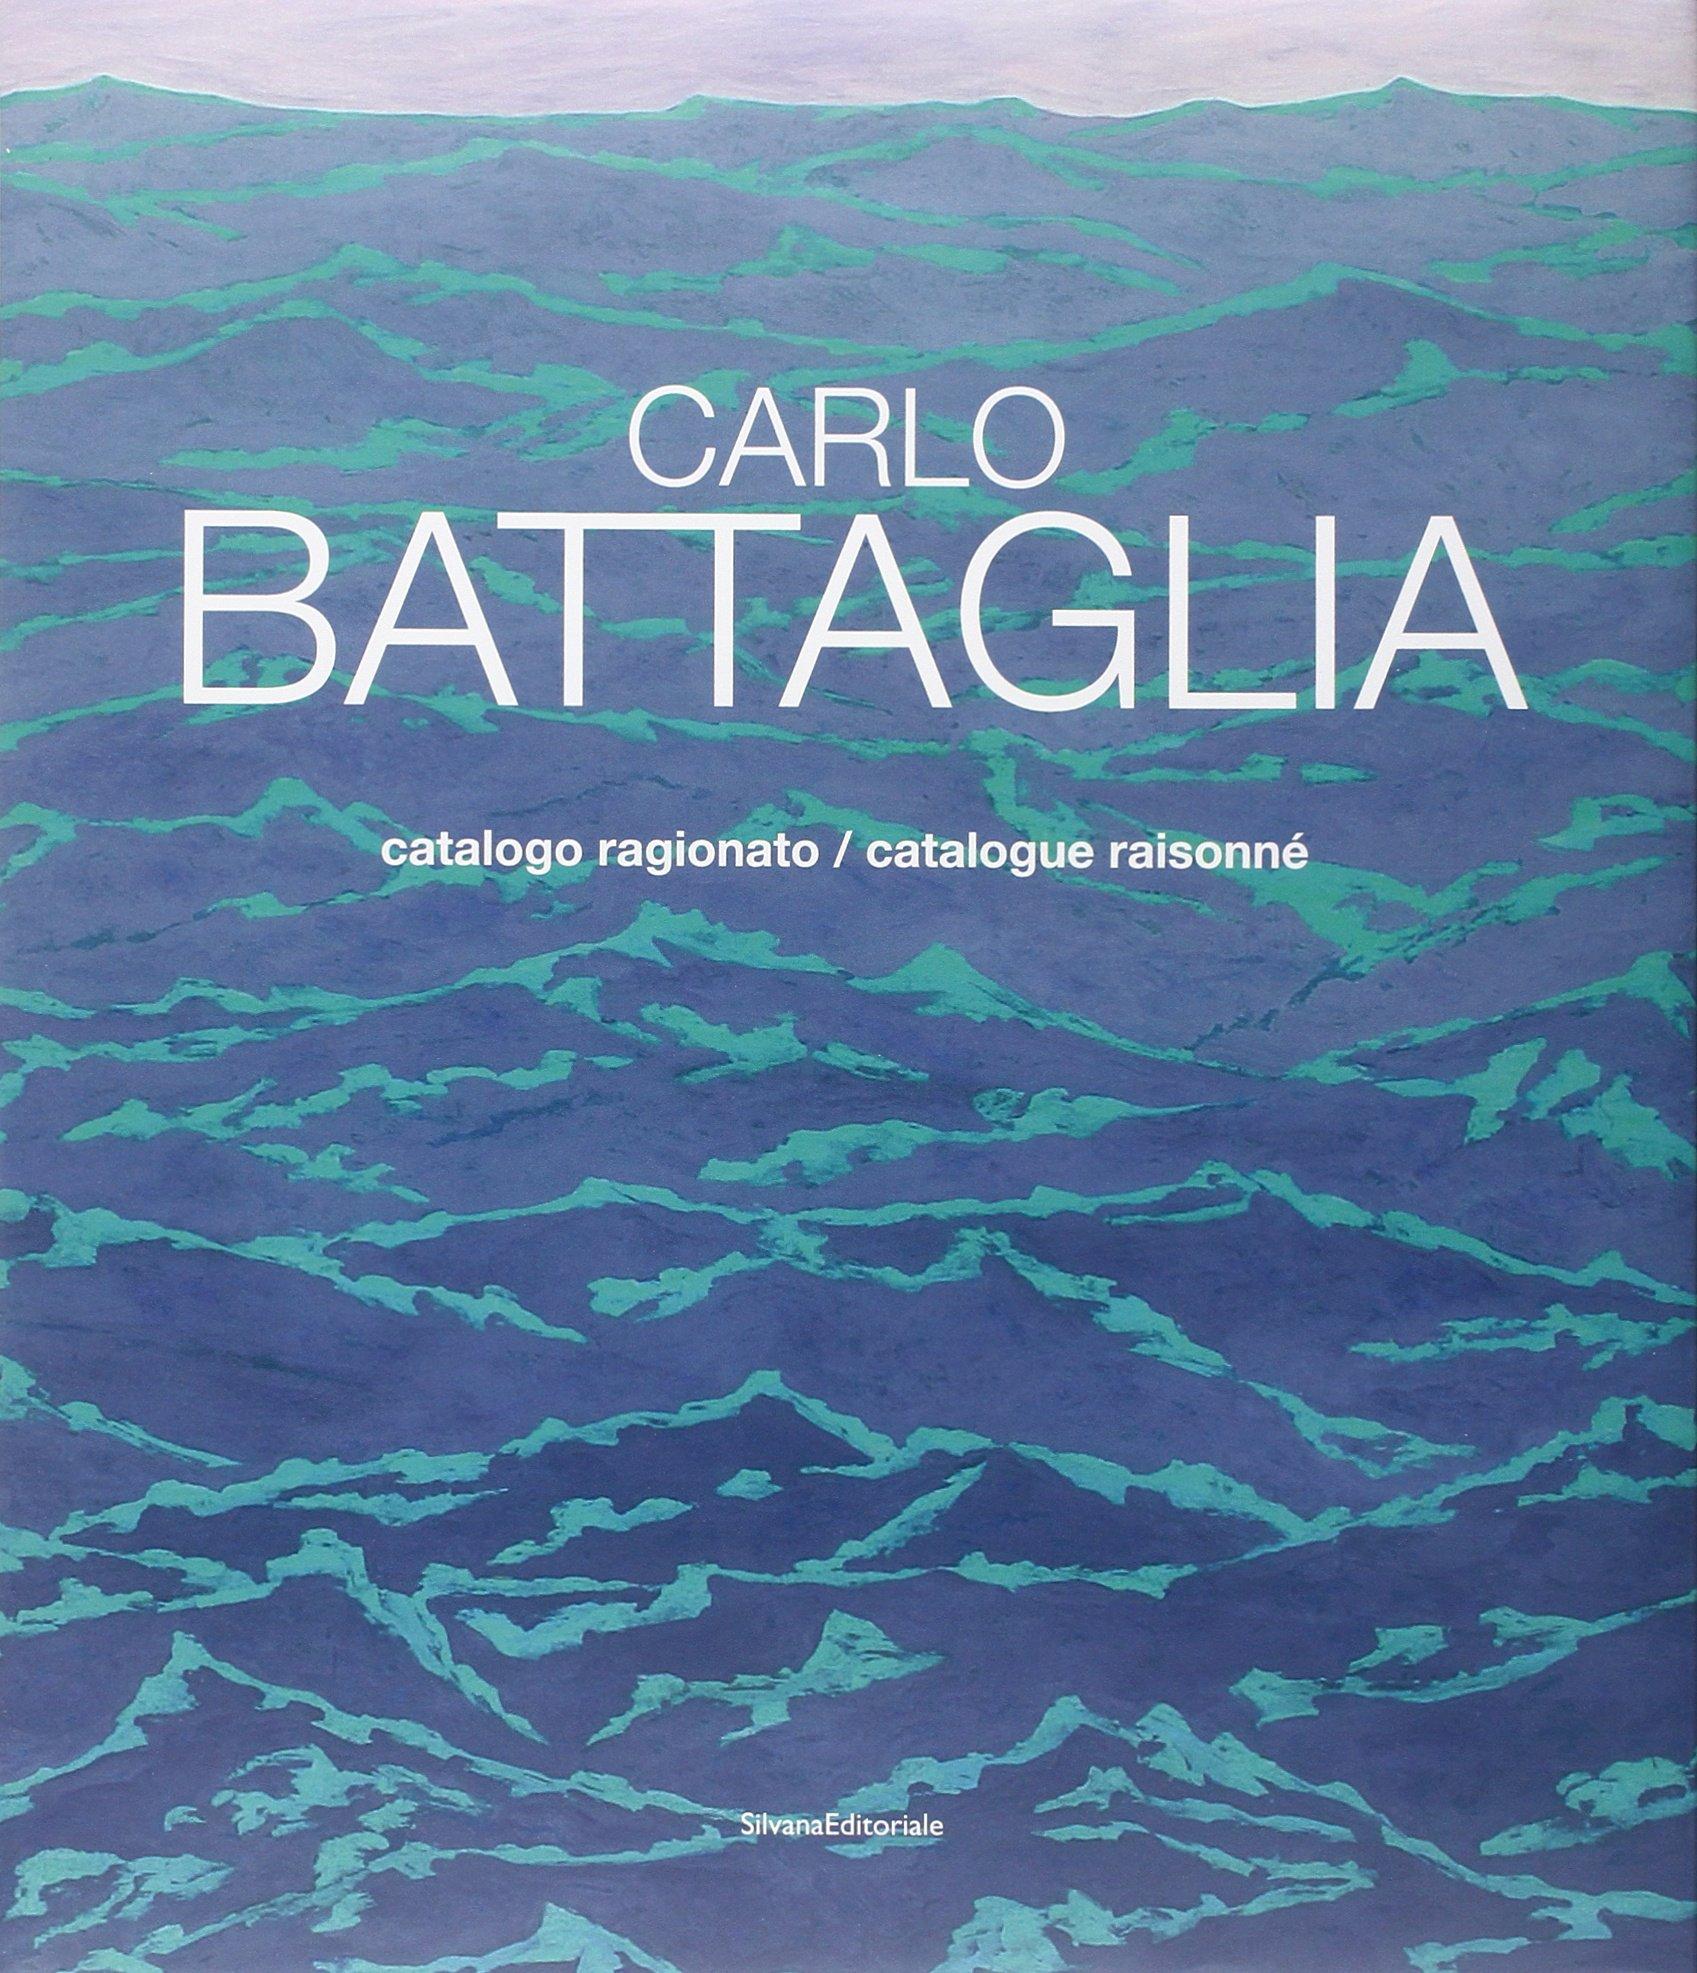 Carlo Battaglia catalogo ragionato. Ediz. italiana e inglese (Inglese) Copertina rigida – 16 ott 2014 M. Meneguzzo S. Pallotta Silvana 8836629121